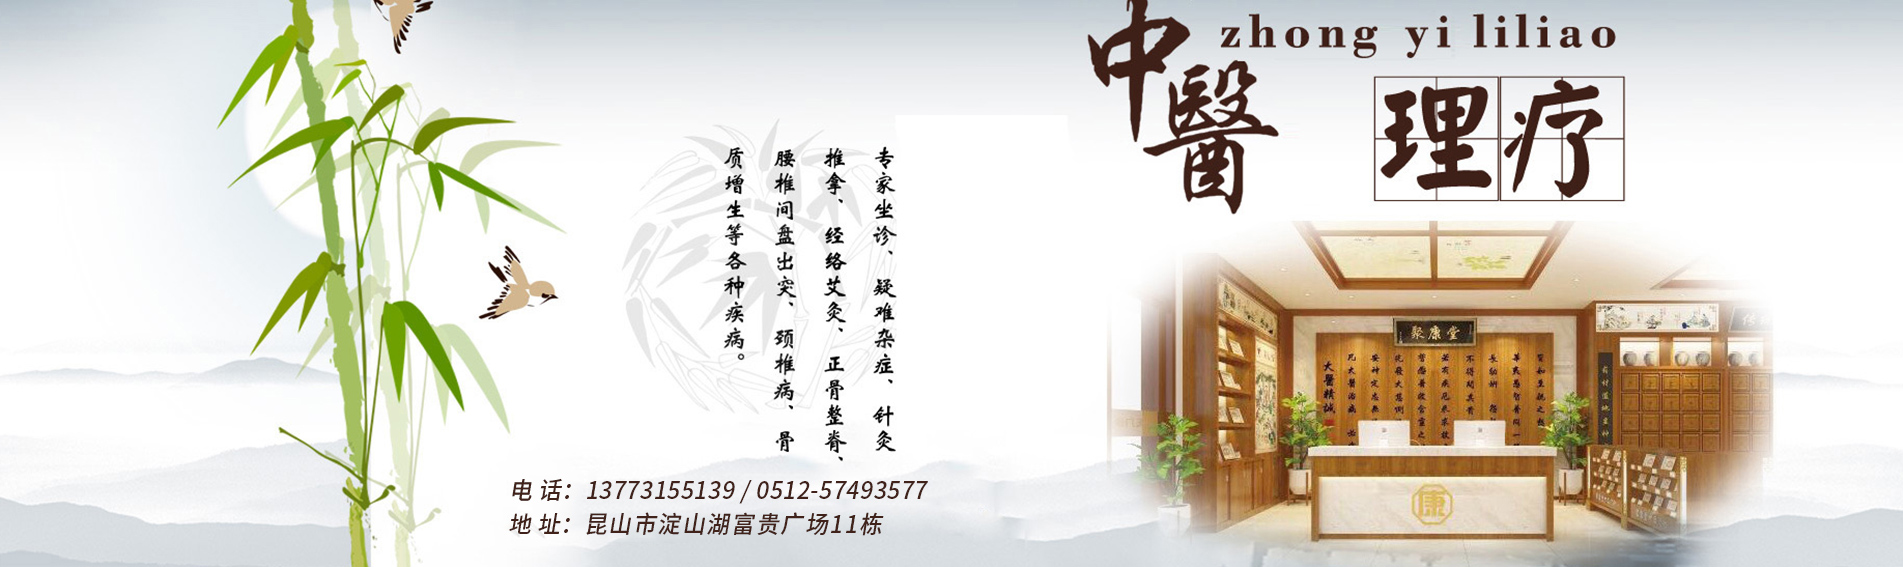 昆山聚康堂中医门诊部有限公司